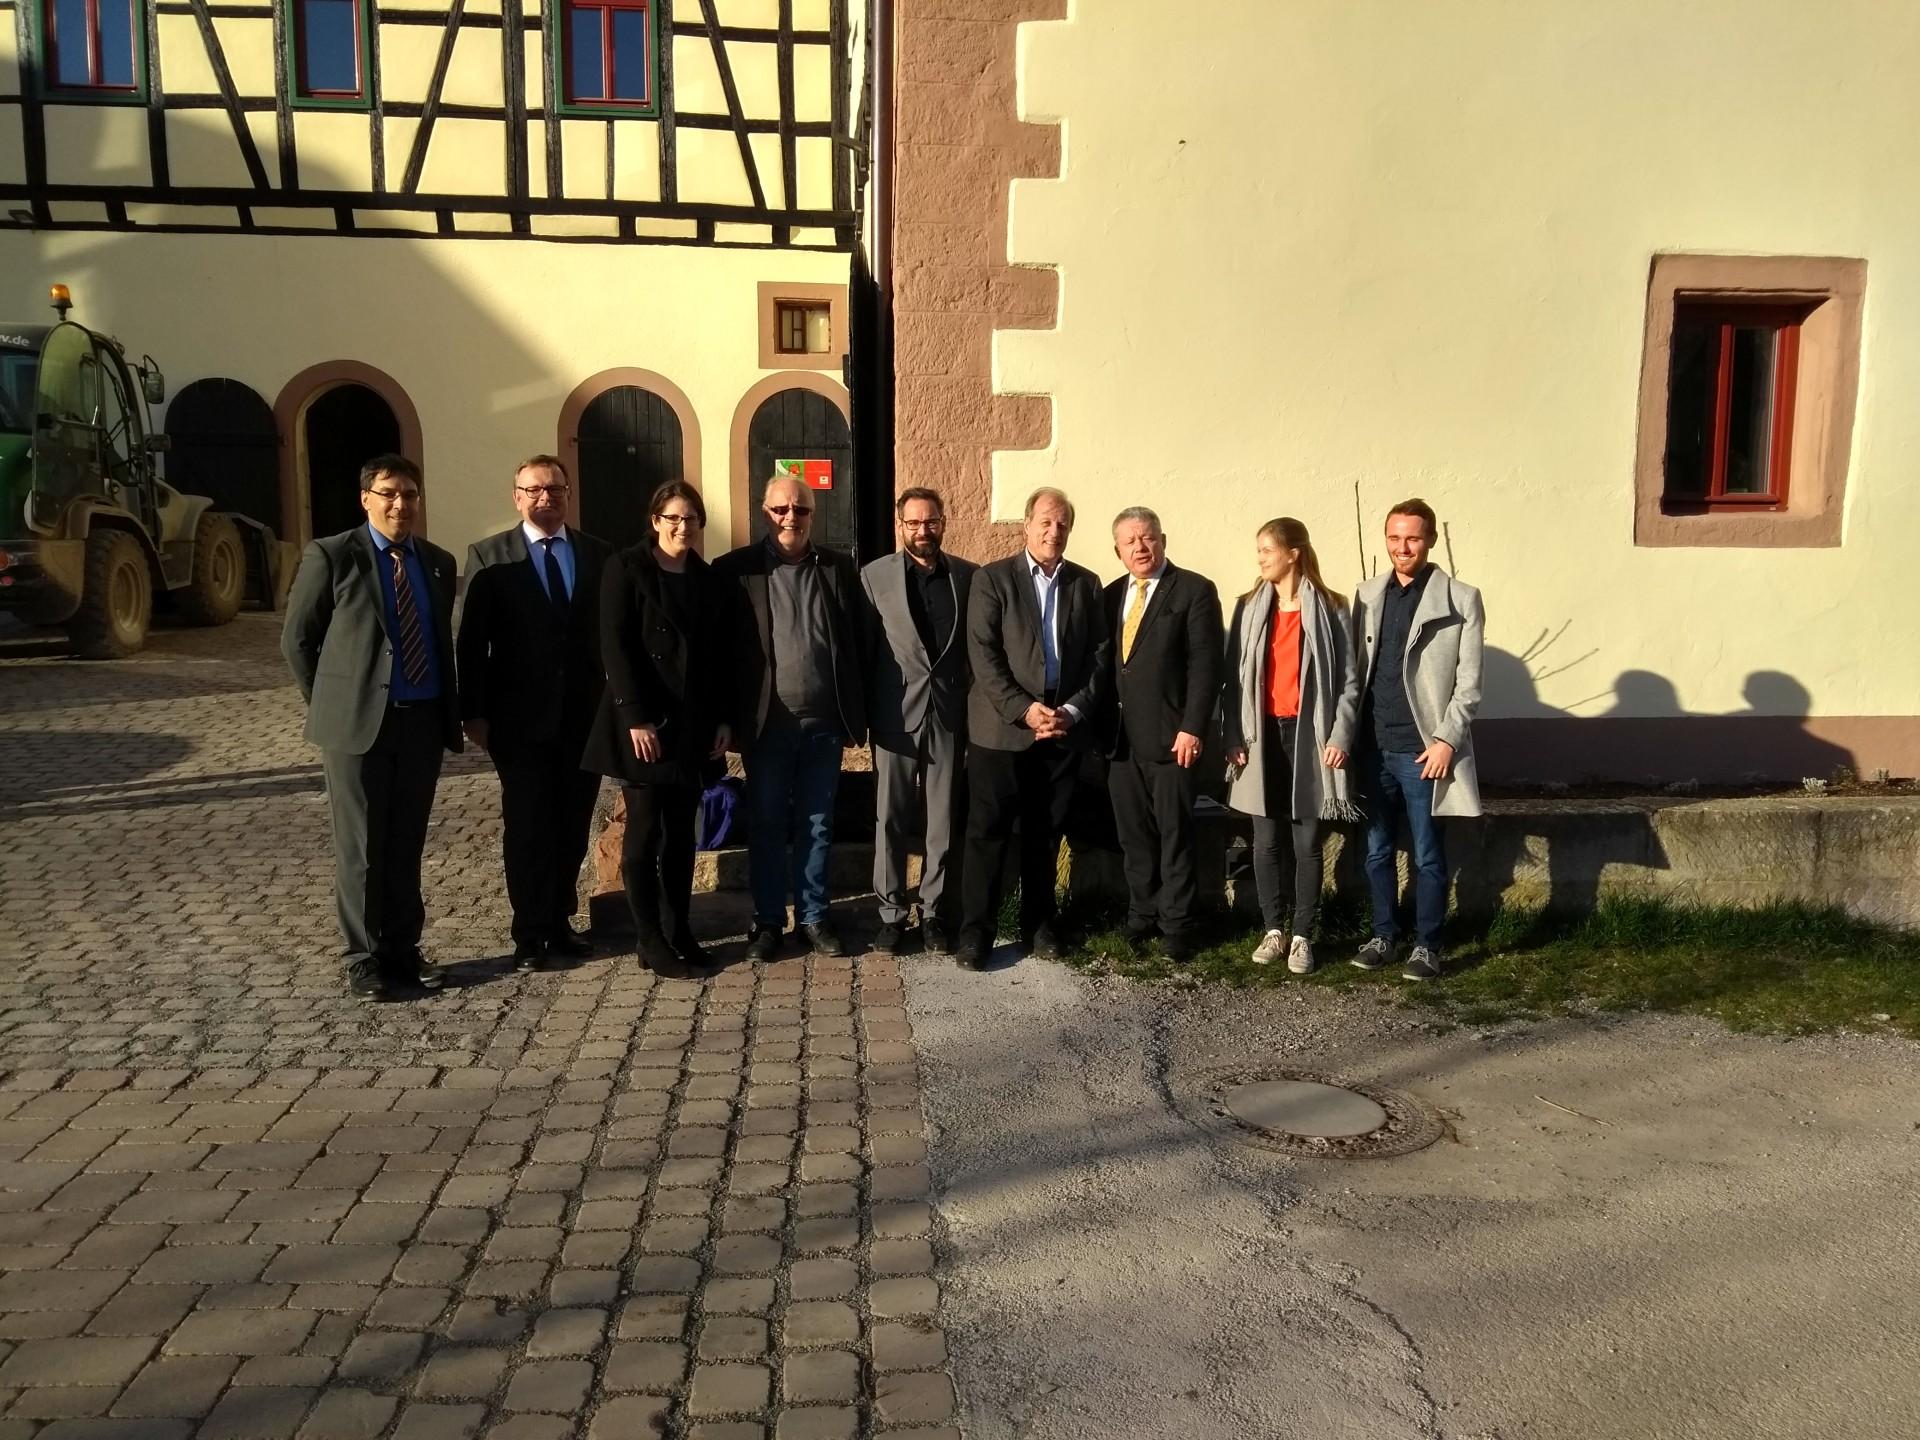 AG Moderner Strafvollzug im Seehaus